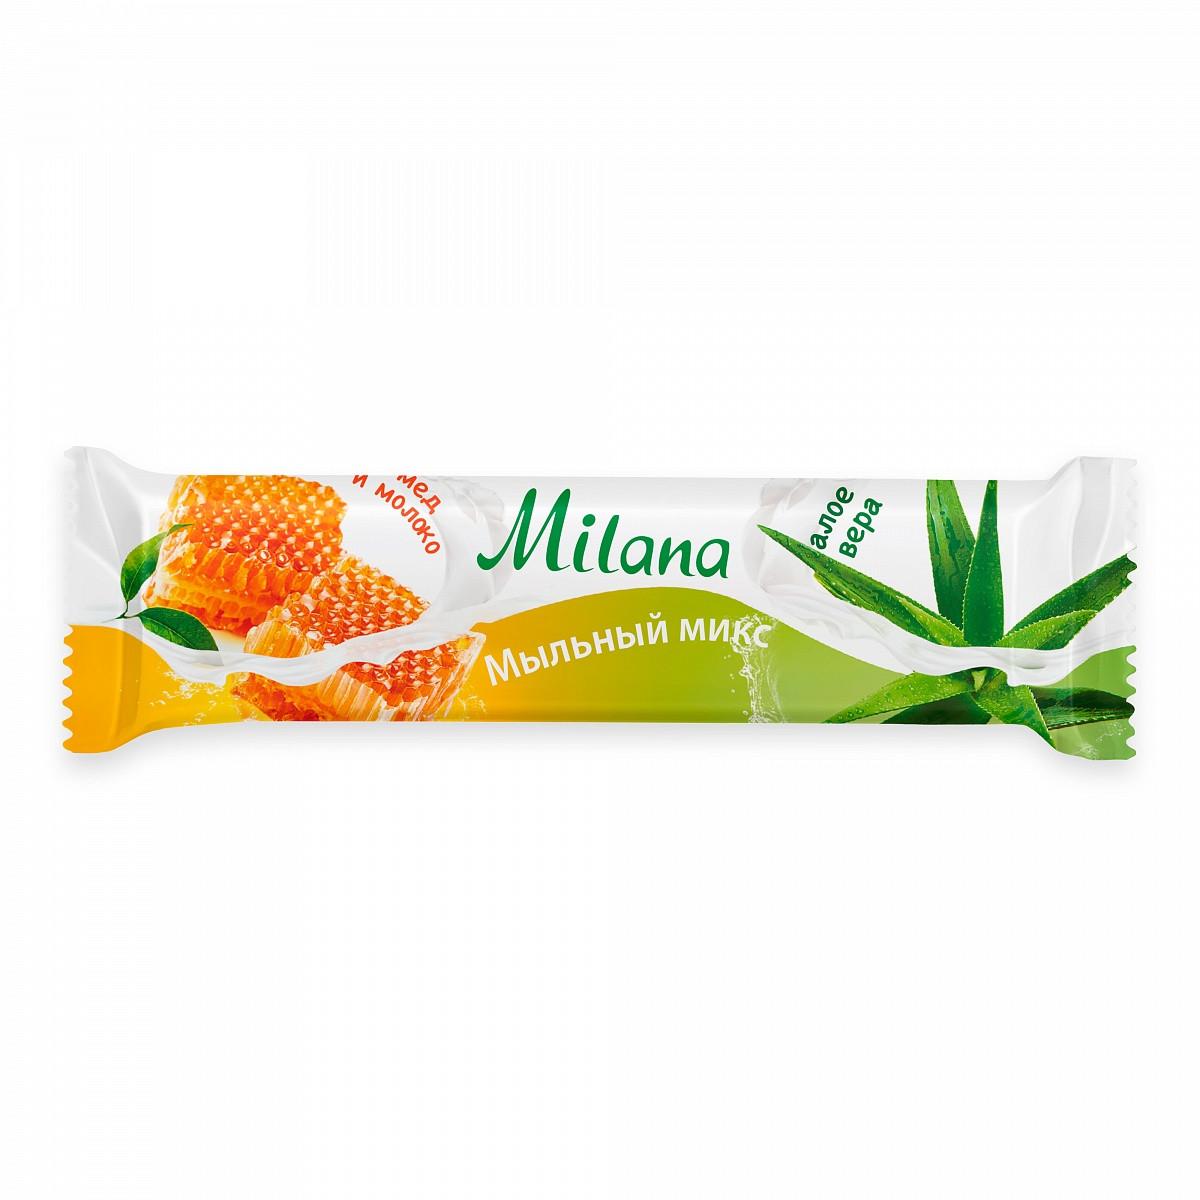 Мыло туалетное Milana мыльный микс молоко и мед & алое вера